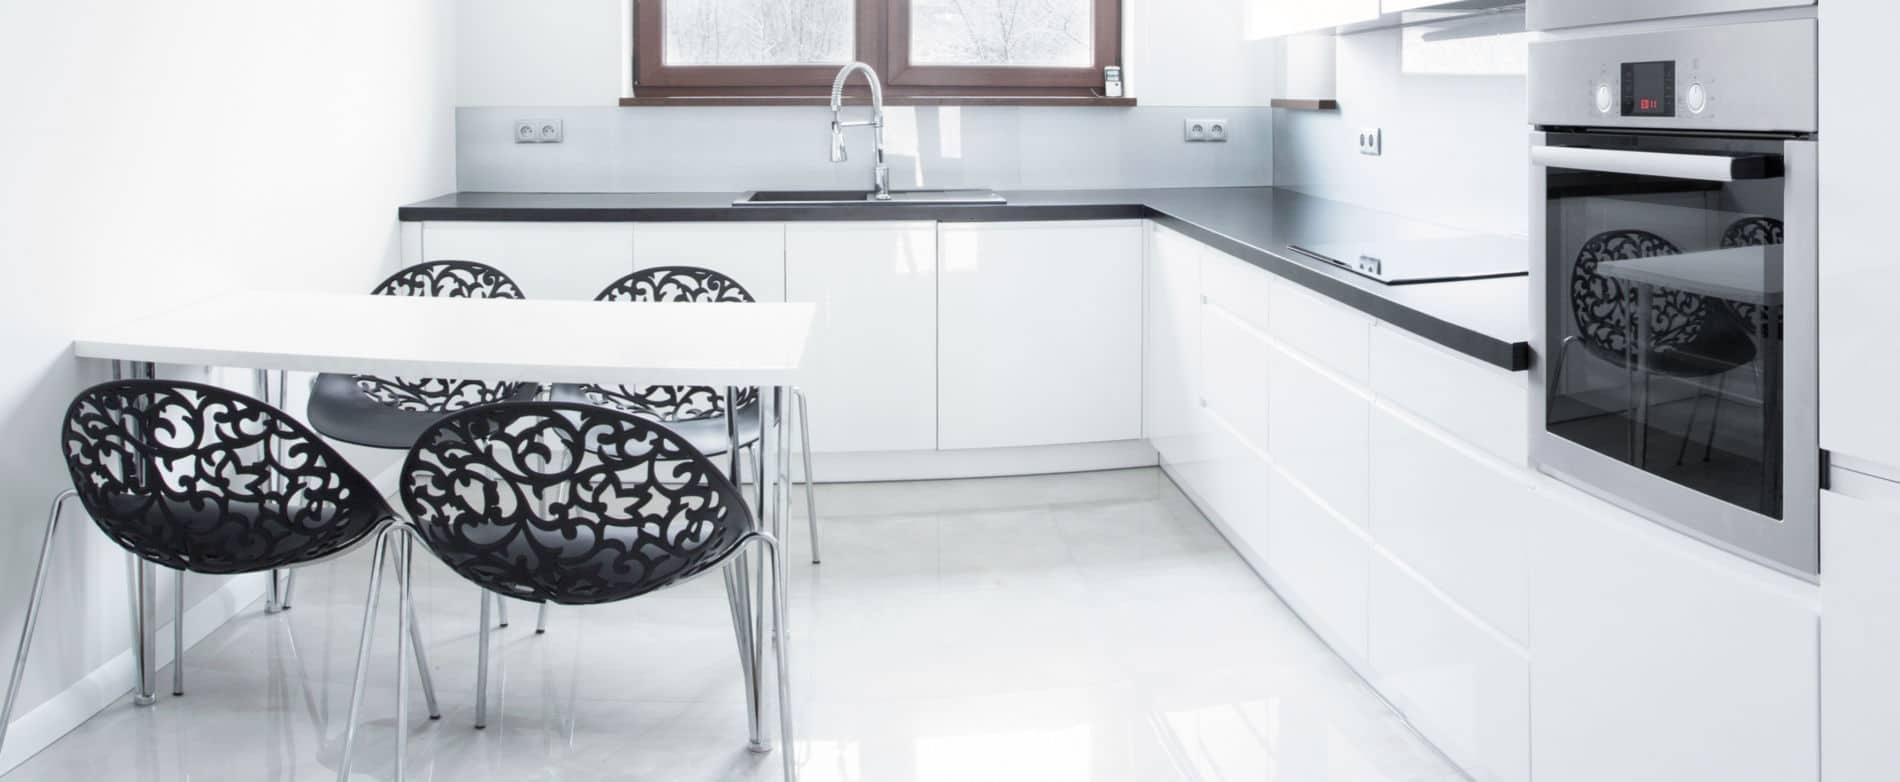 מטבח קמומיל לבן - מטבח בצבע לבן מלא בעיצוב עדין